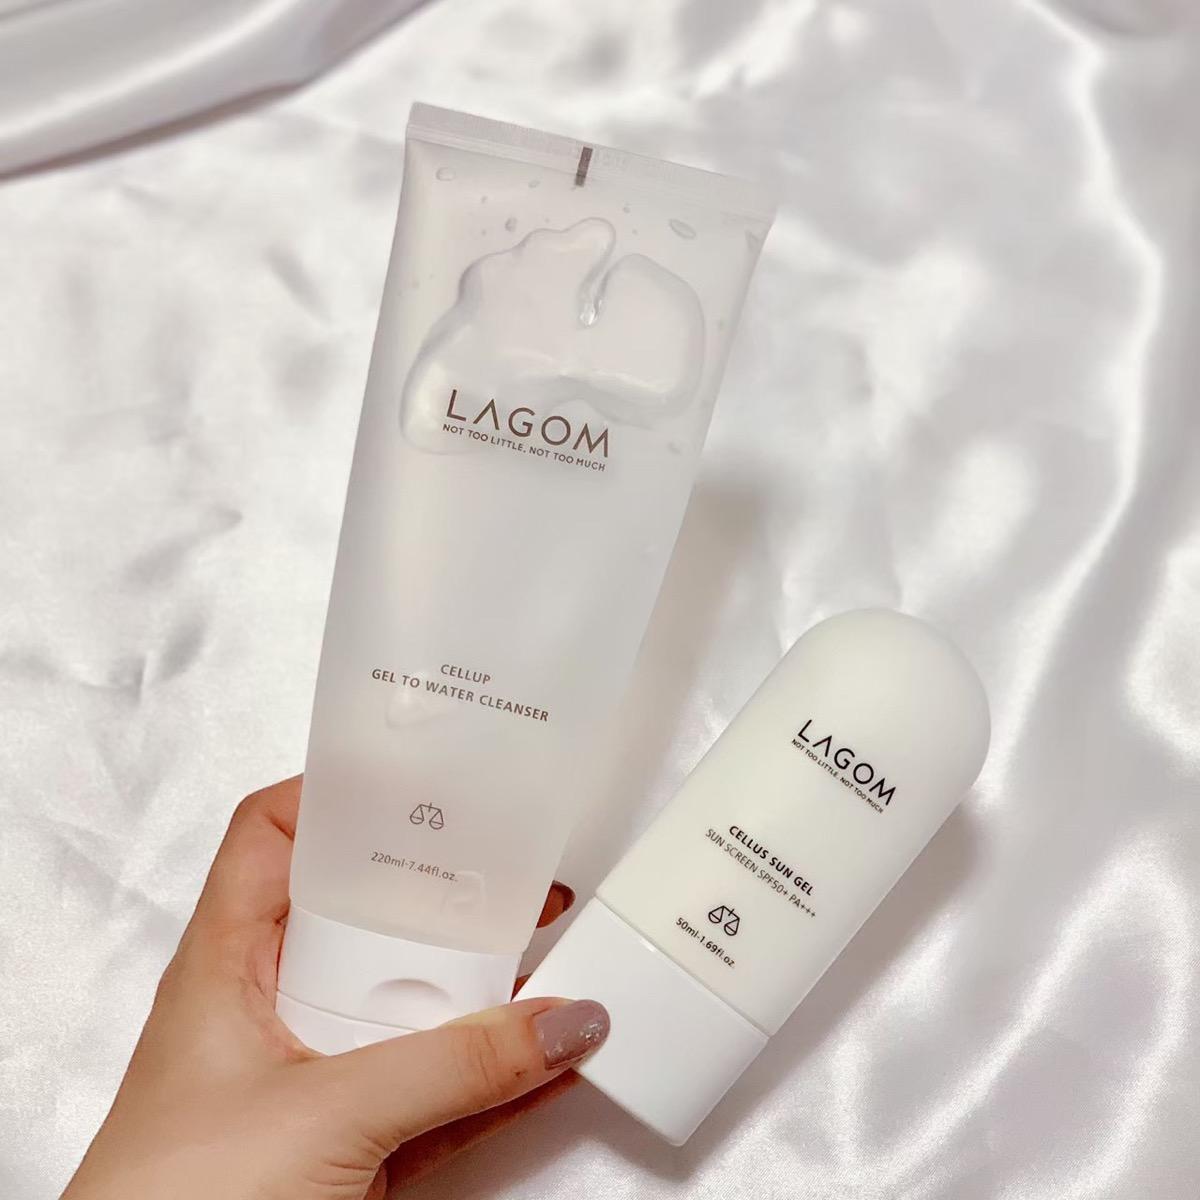 洗顔 洗顔料 LAGOM ラゴム 韓国